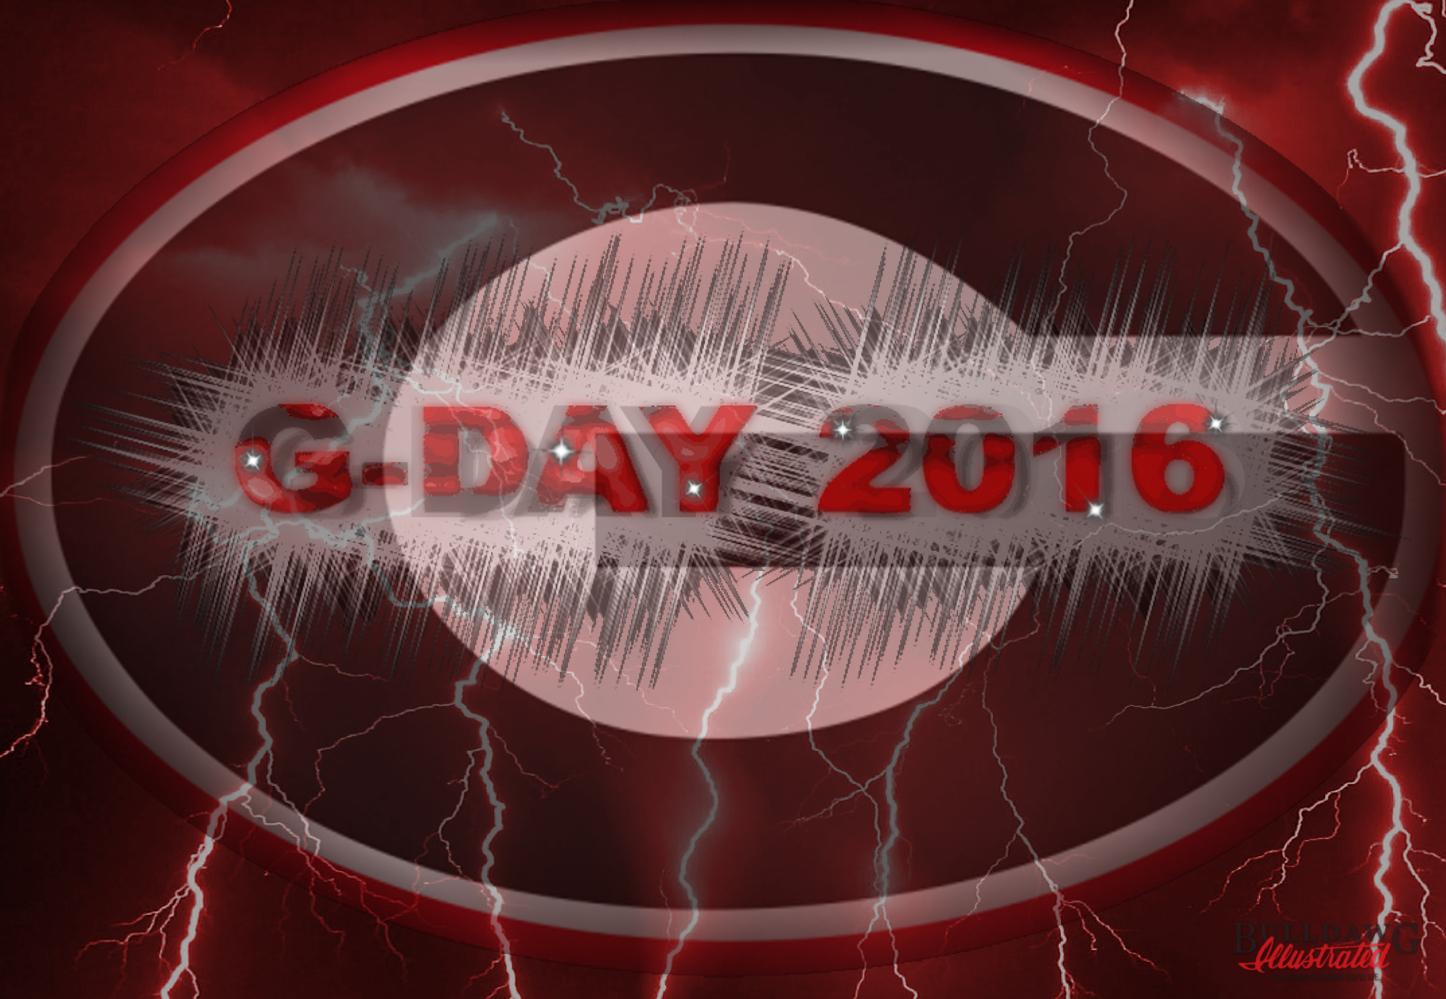 G-Day 2016 edit by Bob Miller 009